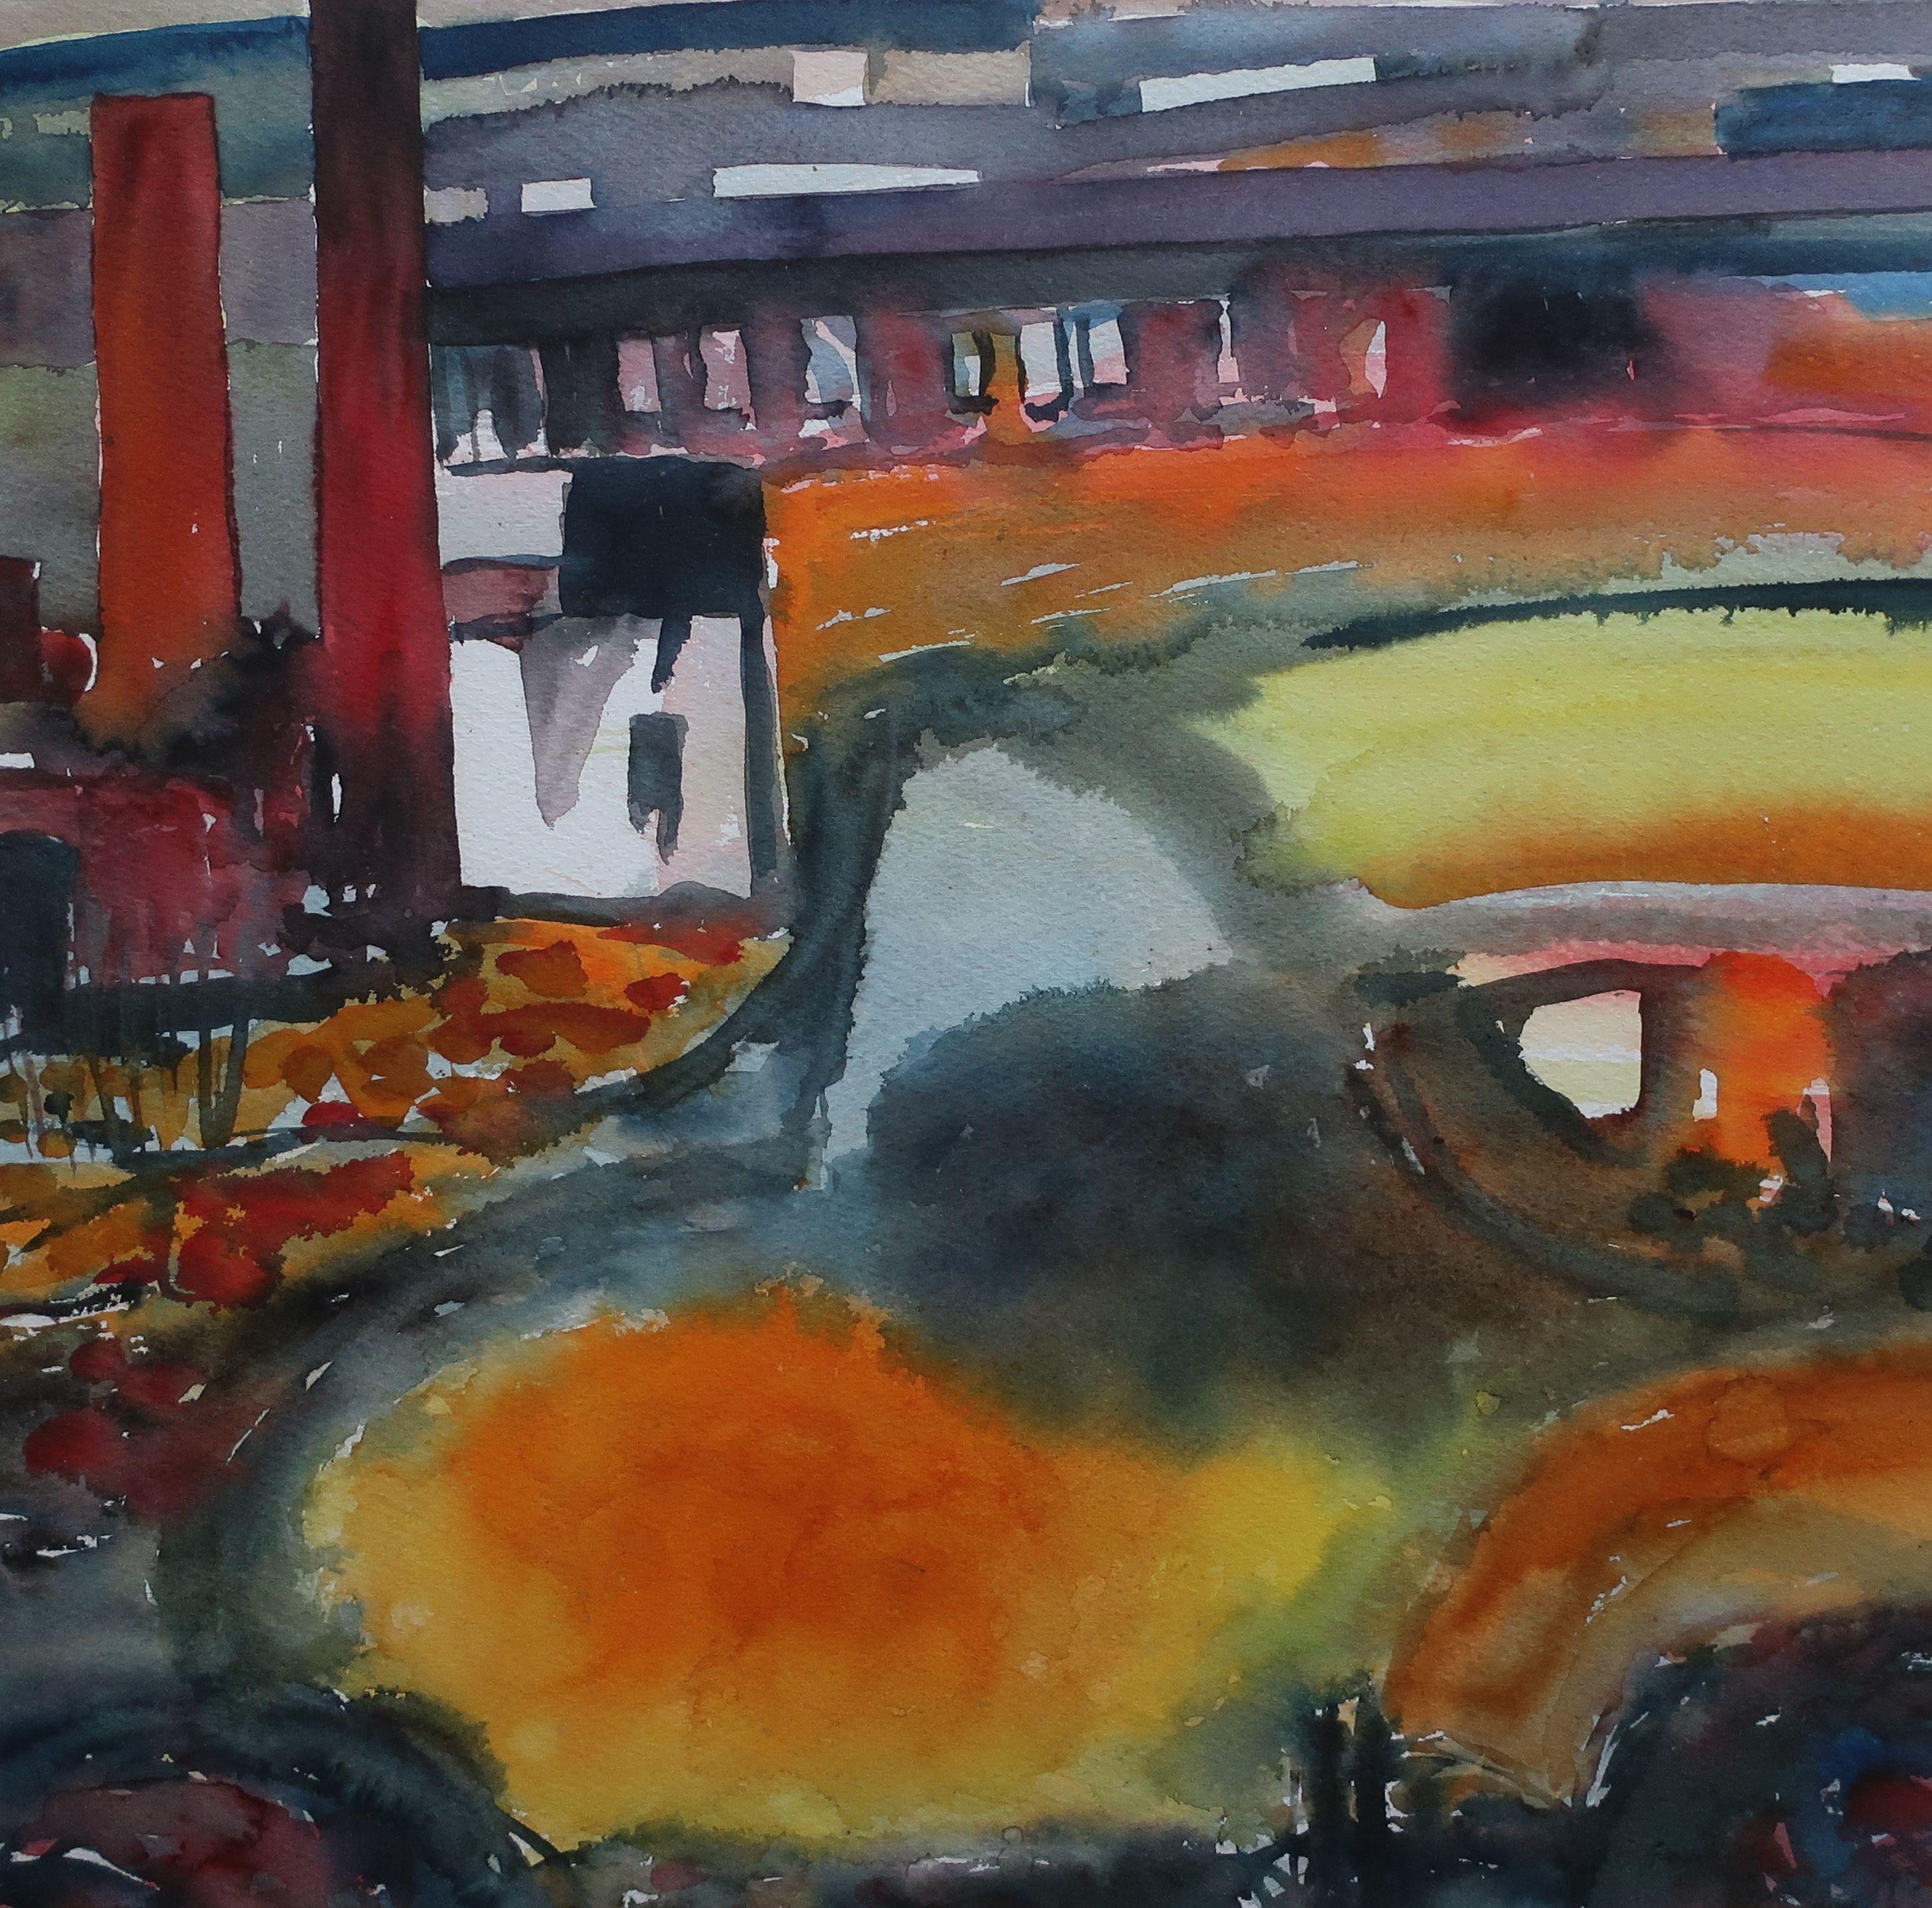 Industrial landscape VI-old Hafod works1994